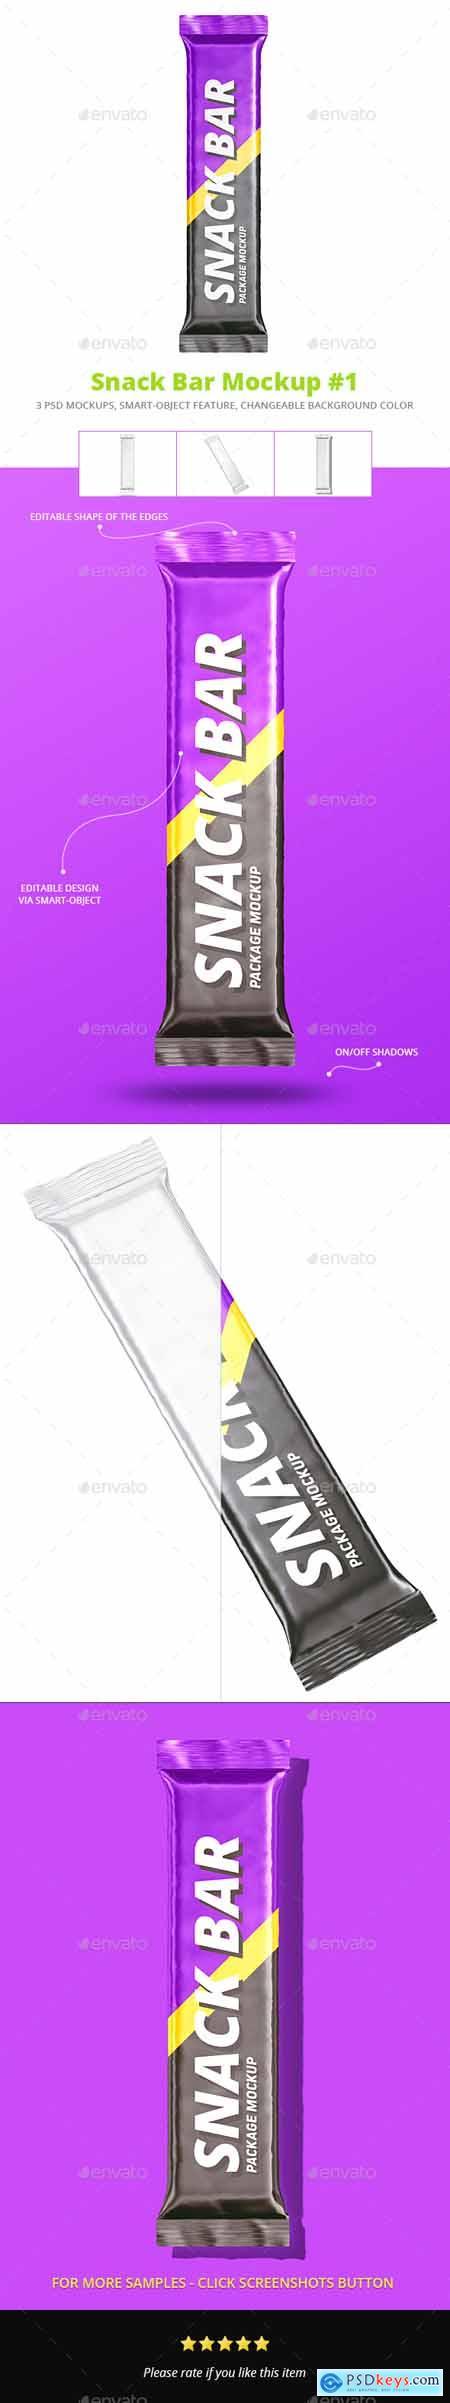 Snack Bar Package Mockup Set 1 27102925